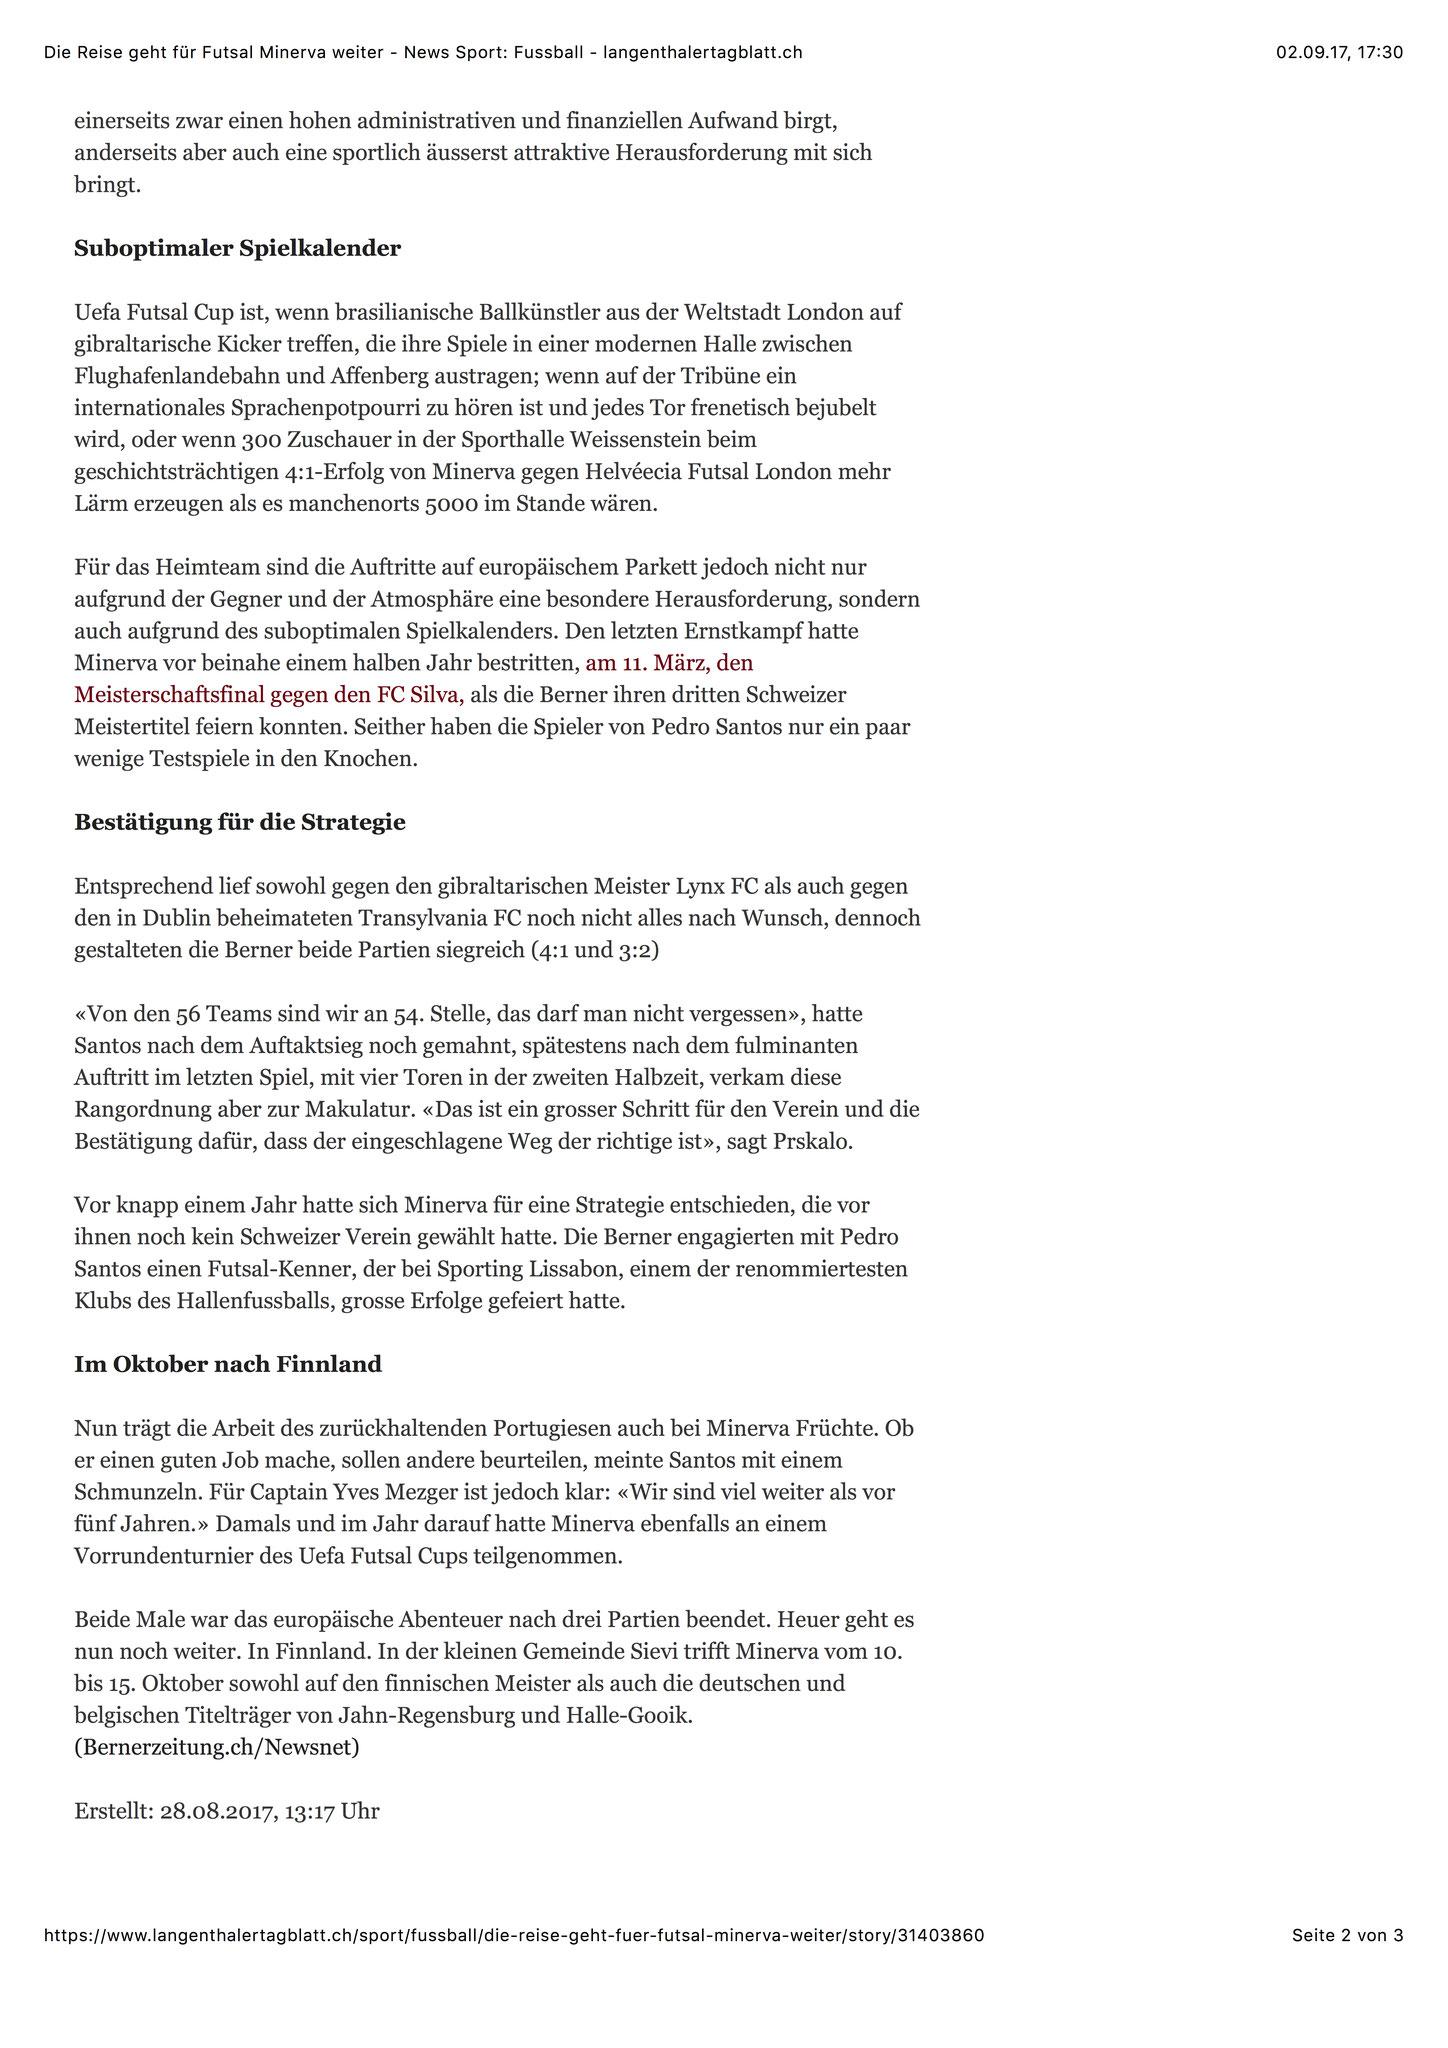 Berner Zeitung BZ - 28. August 2017 - S. 2